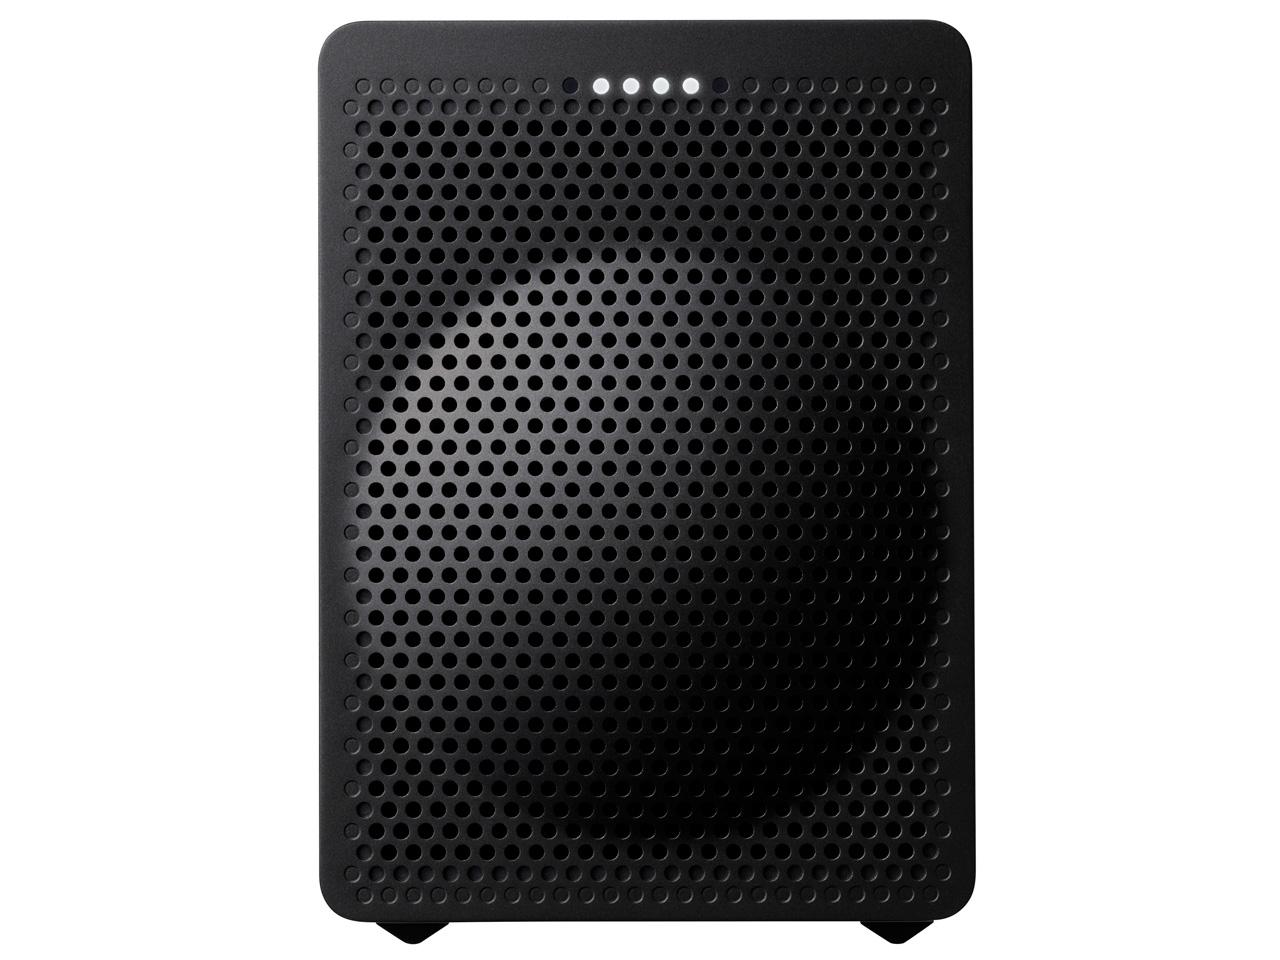 【新品/在庫あり】Smart Speaker G3(ブラック) Googleアシスタント搭載 スマートスピーカー